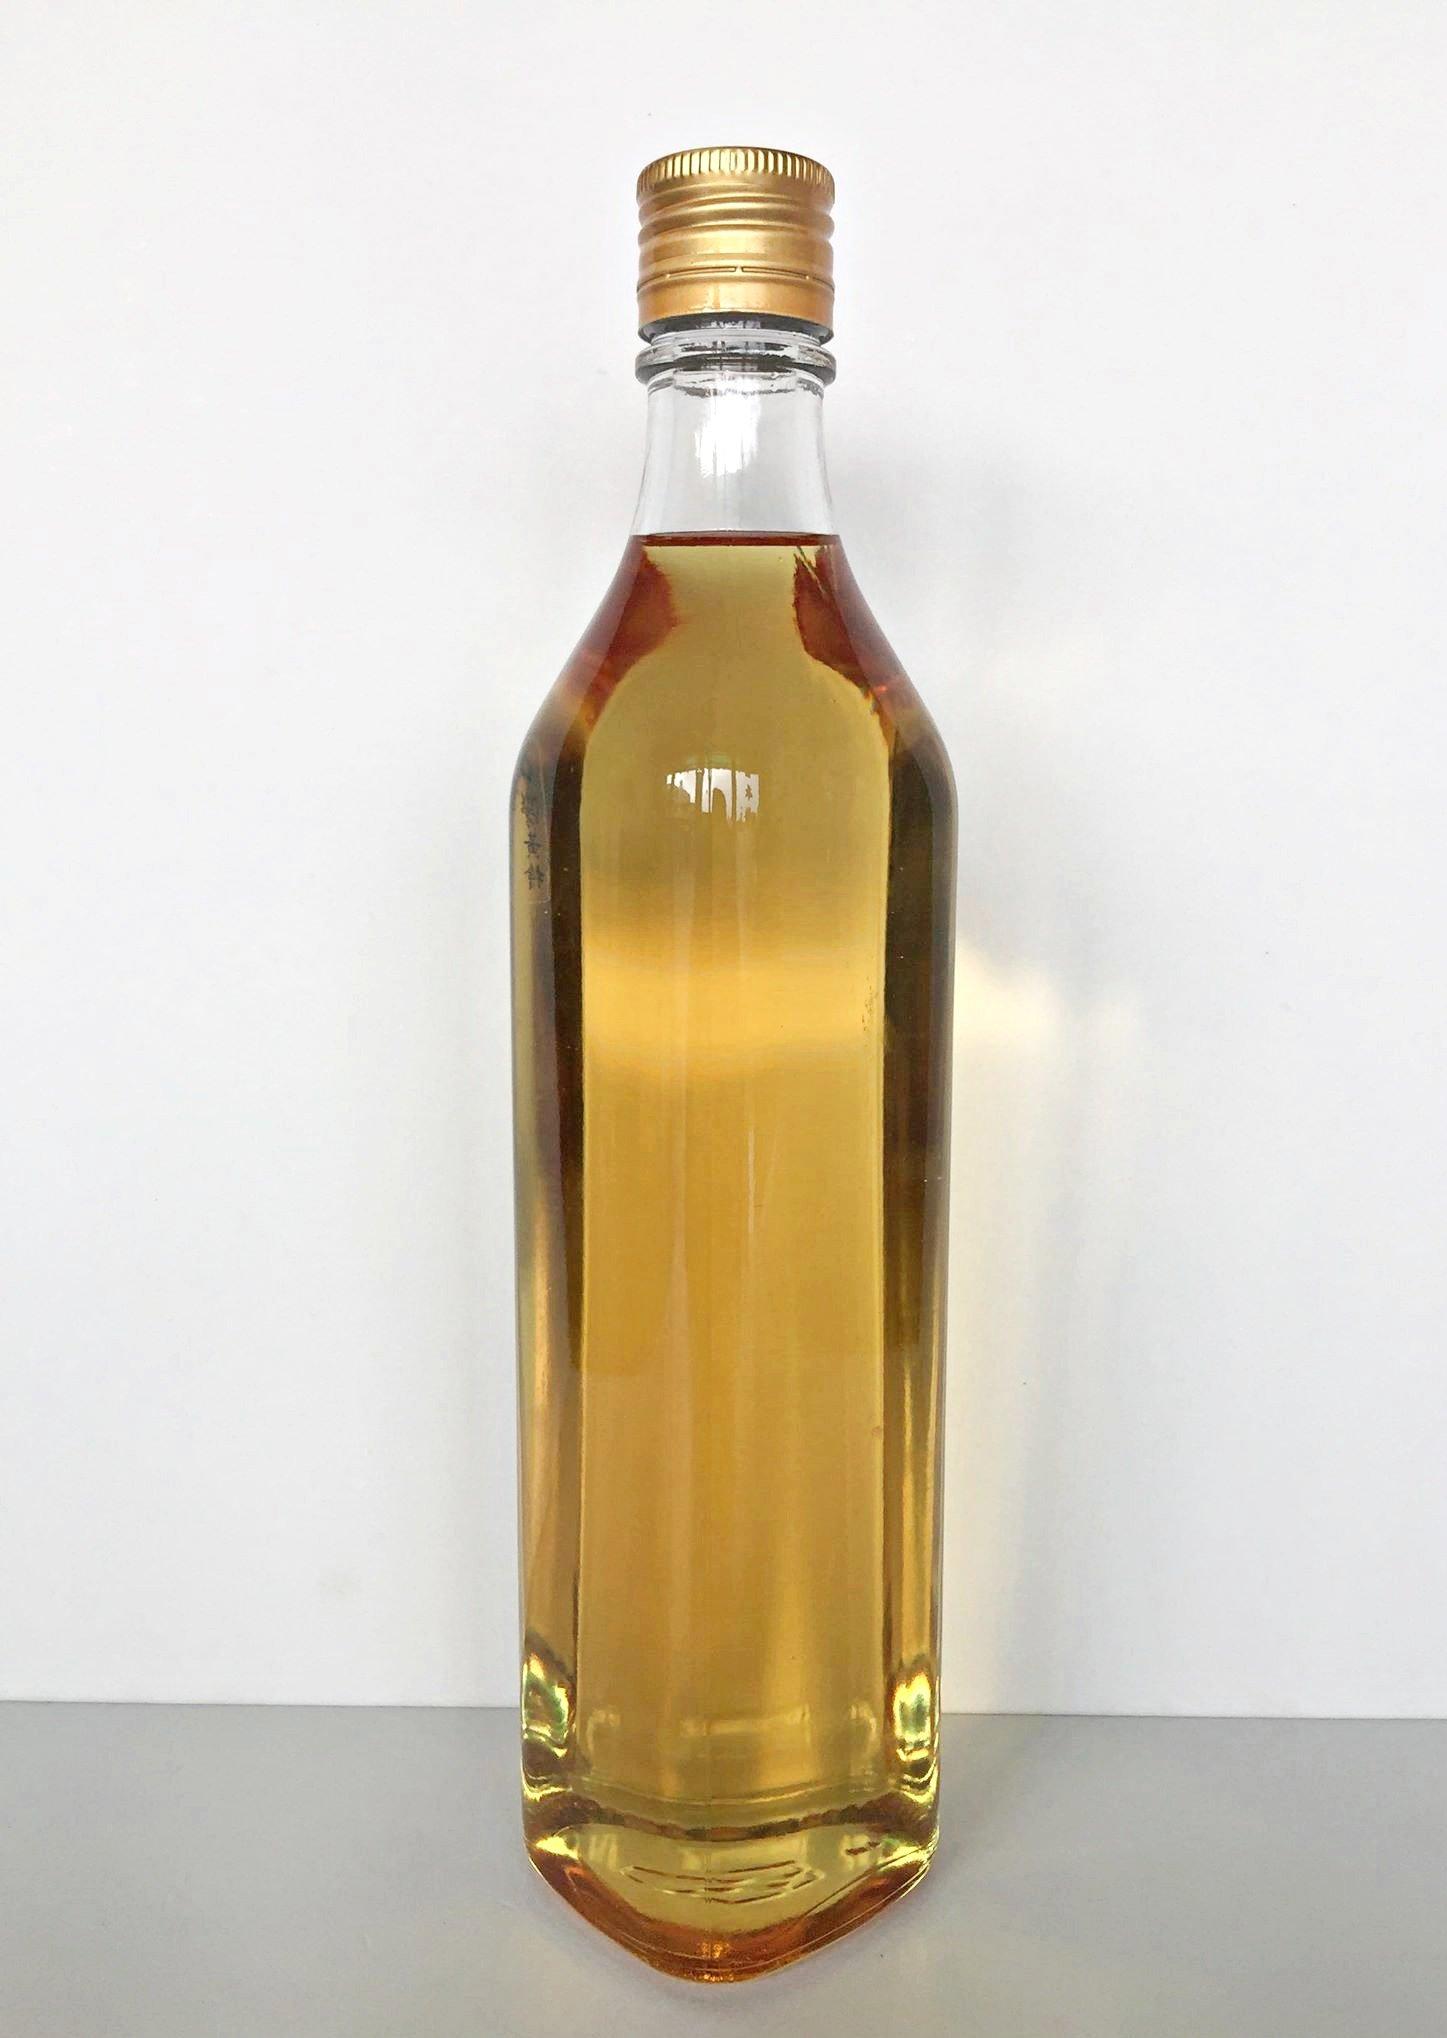 台灣檜木精油【 台灣 黃檜精油 、香樟精油】500ml * 1瓶 / 大瓶裝